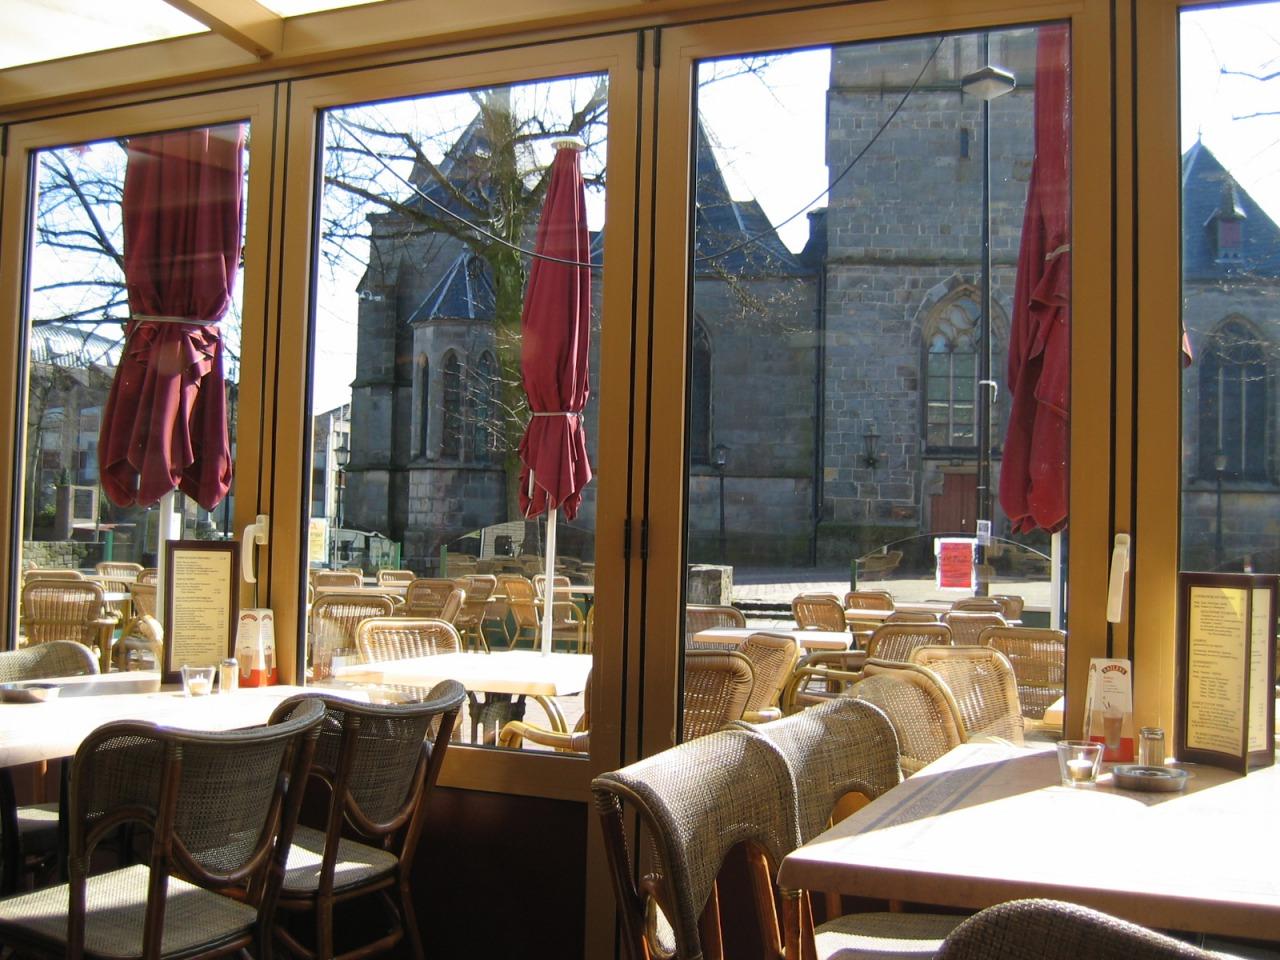 Grand Café Centraal - Visit Twente - offizielle Tourist Information